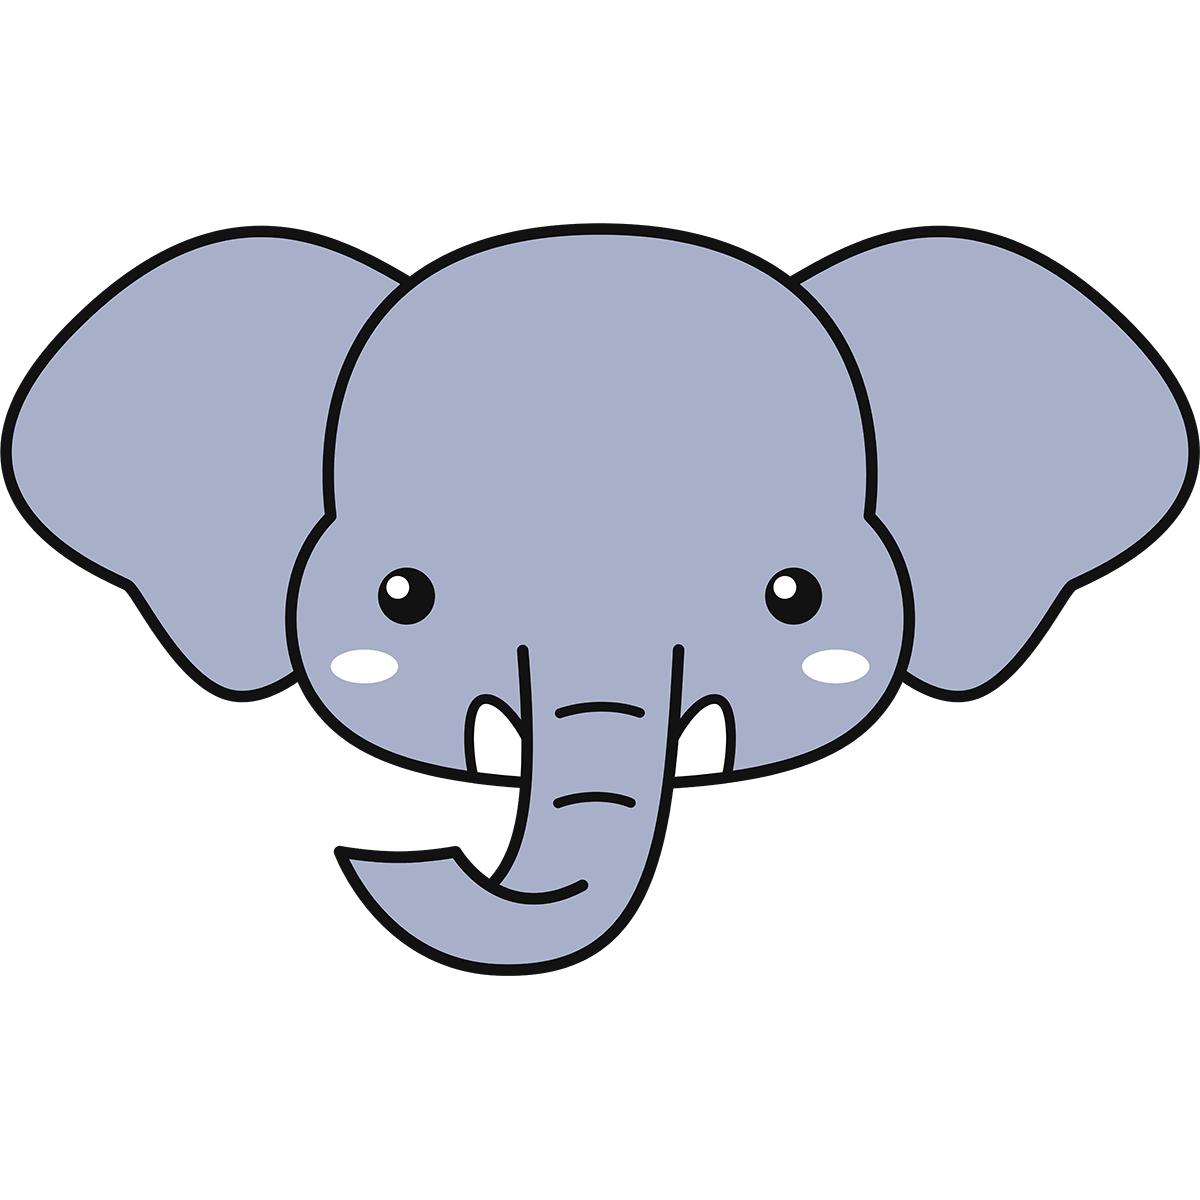 ゾウの顔の無料イラスト